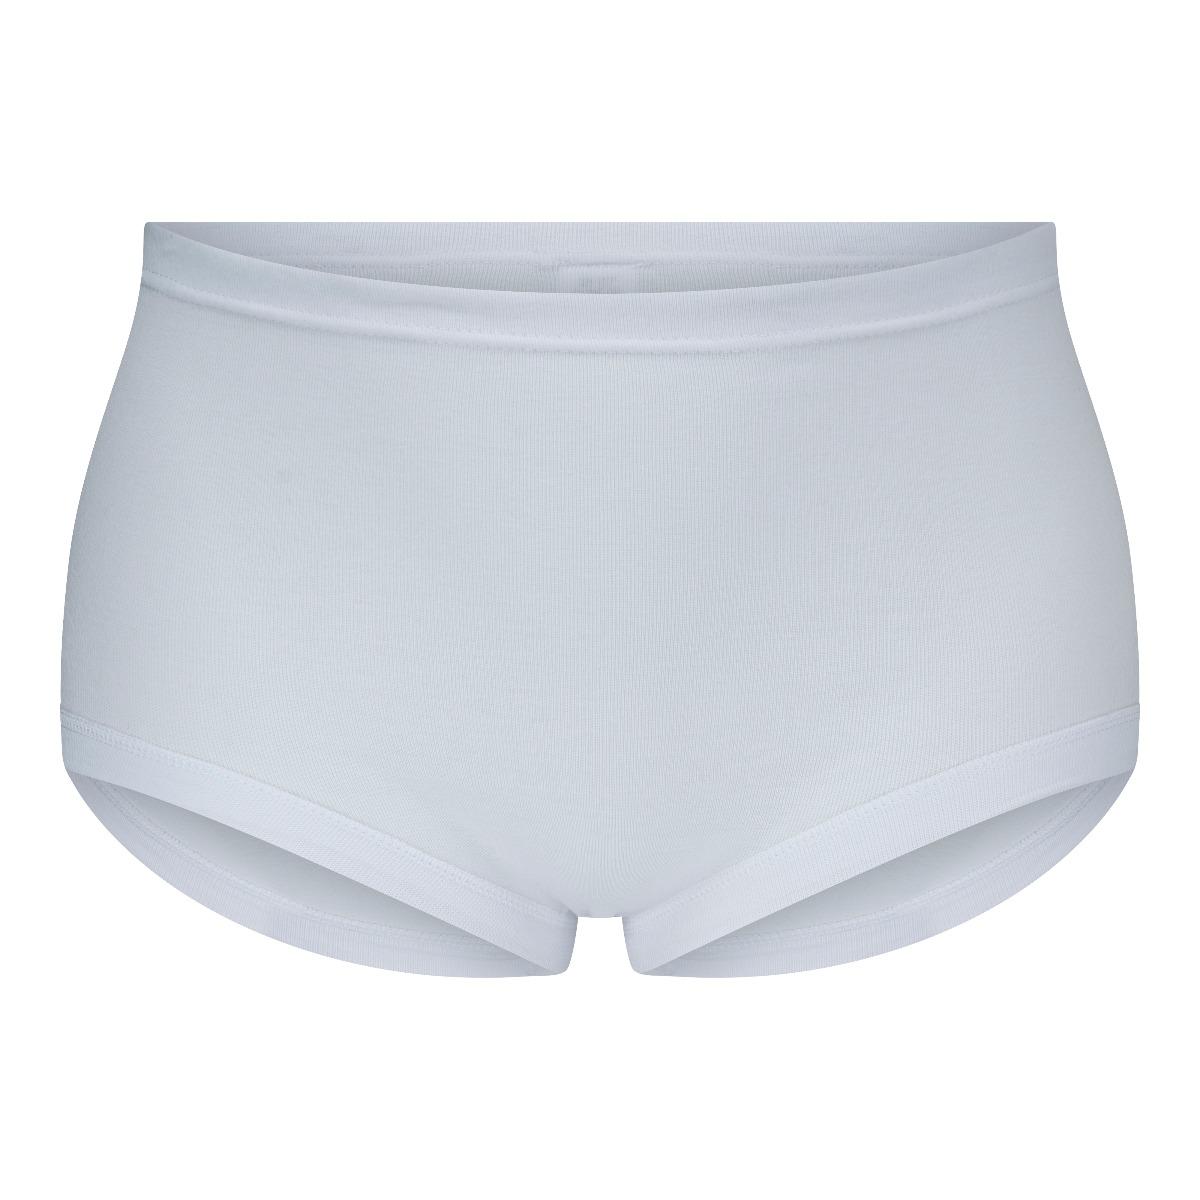 Beeren M3000 Dames Panty Slip Diana Wit 56